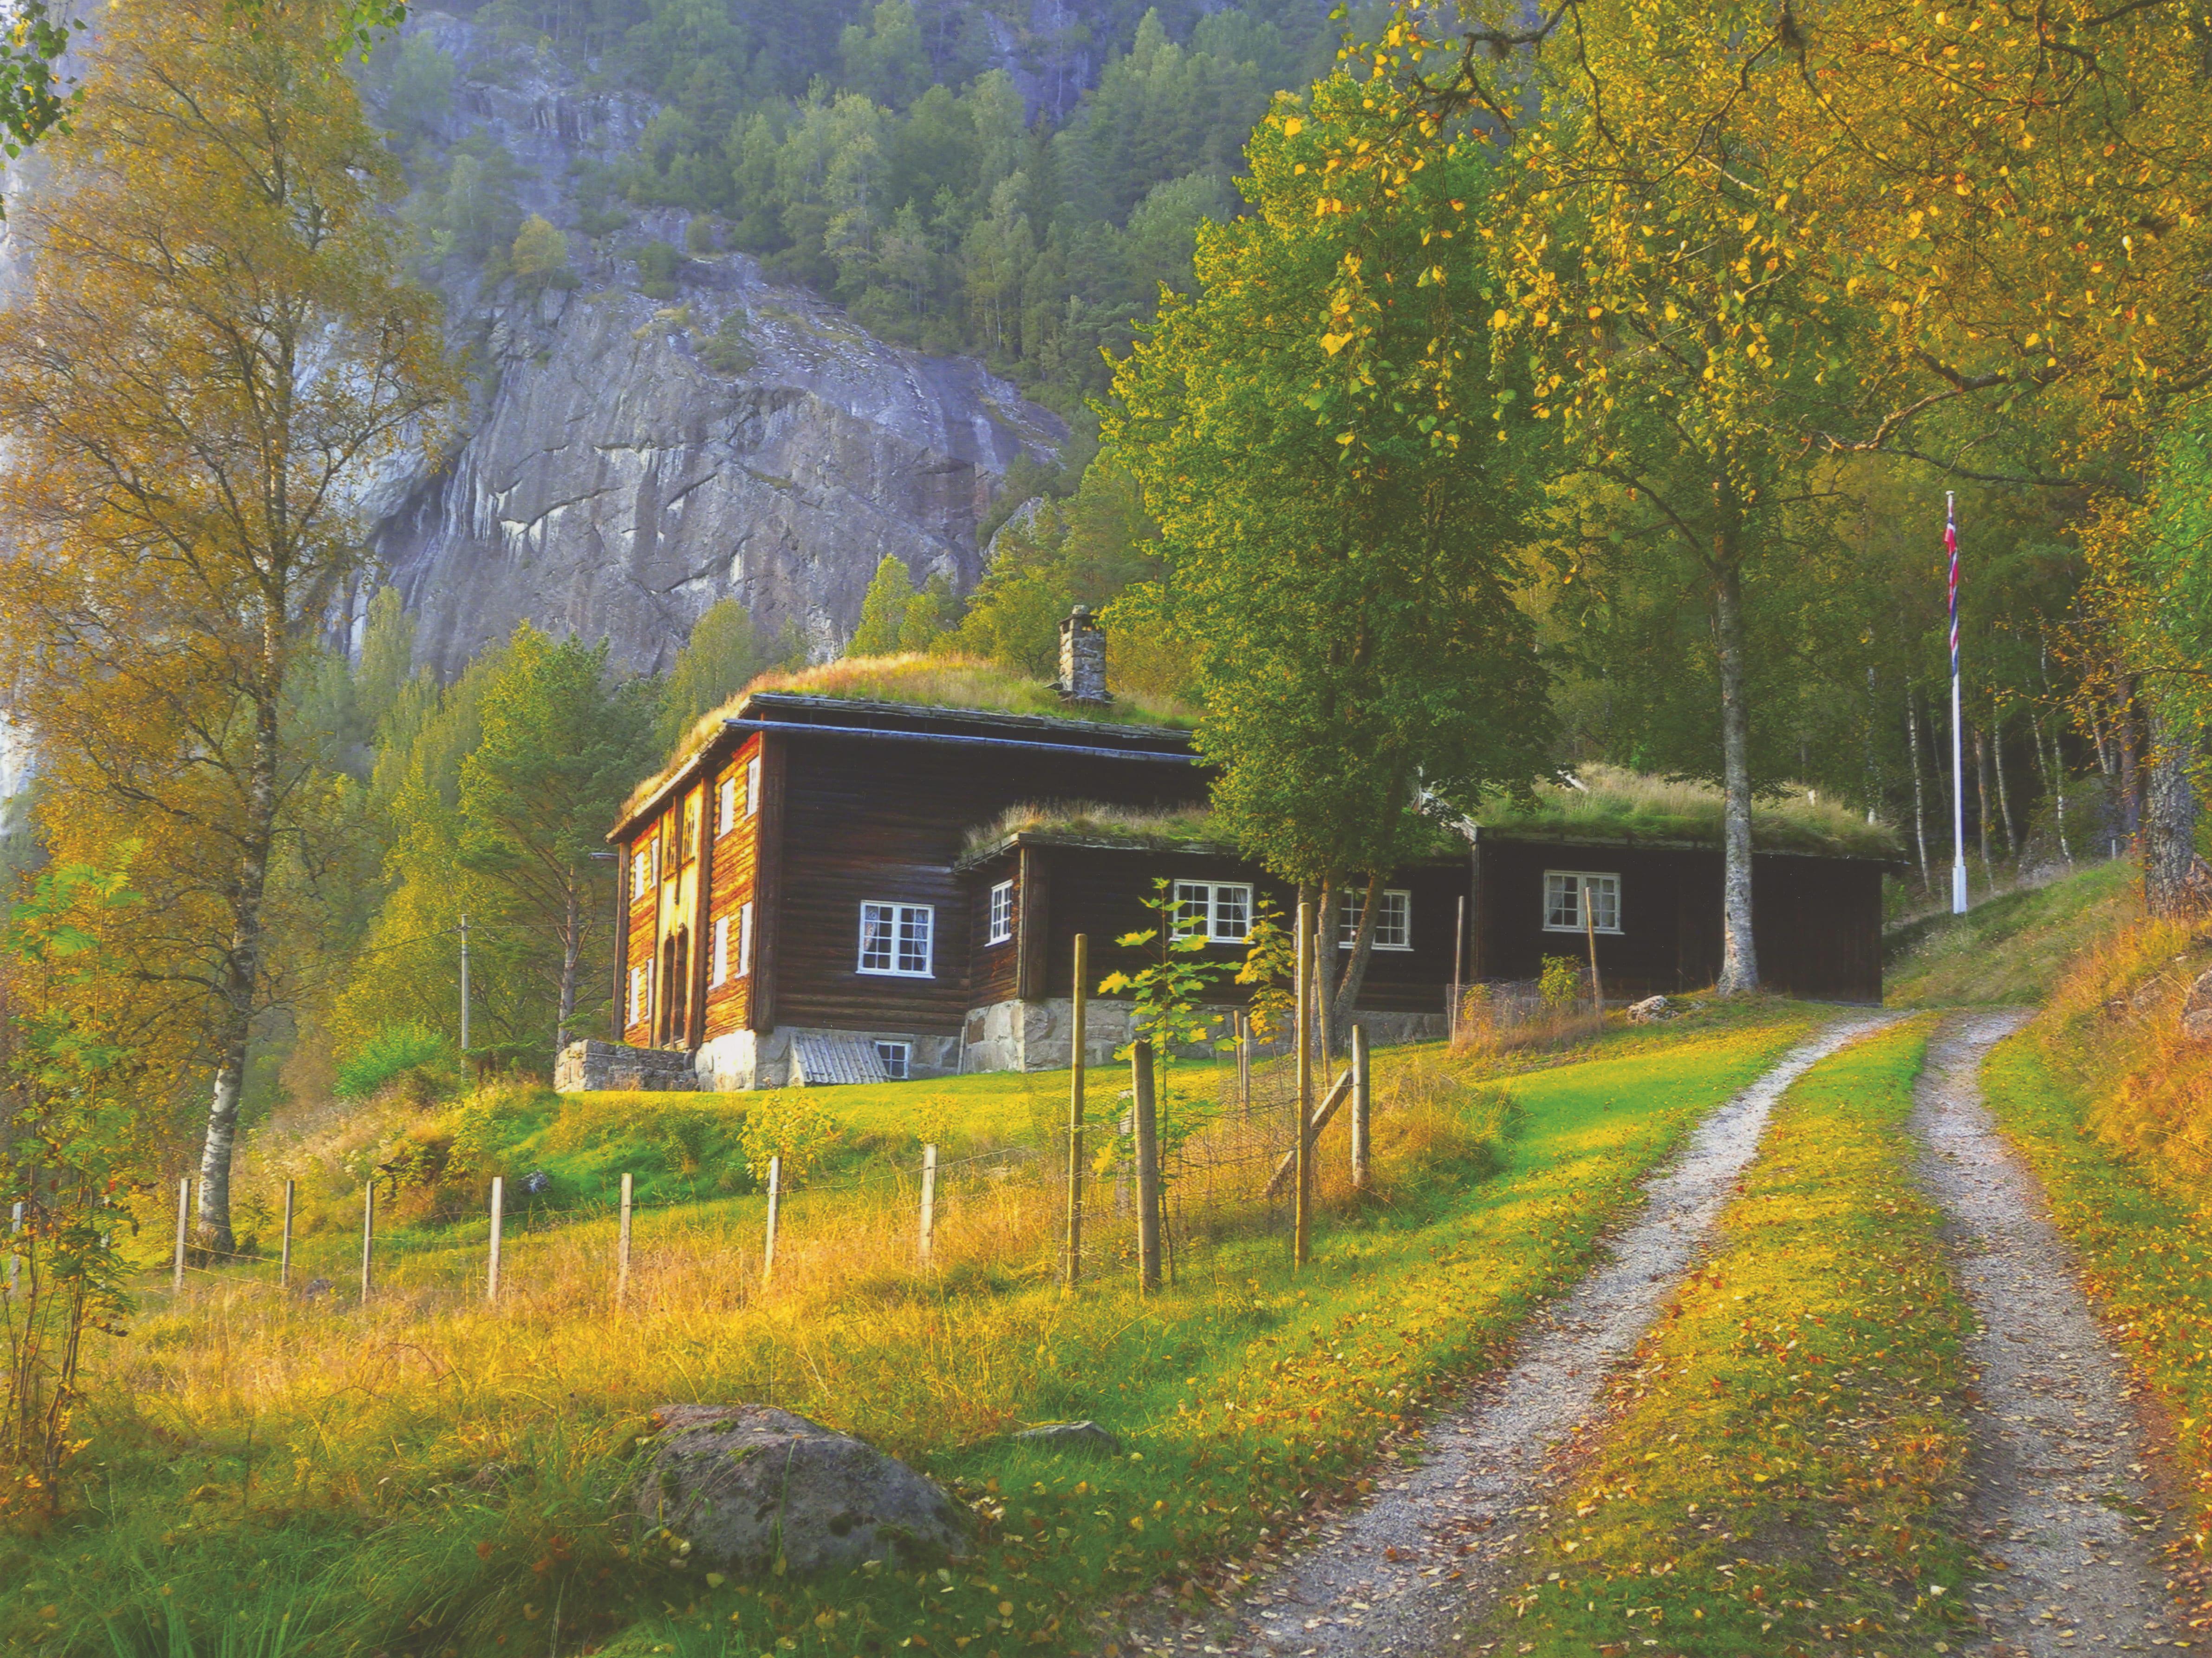 Jaktvilla på Bjørgum i Setesdal for skipsreder Emil Stray.